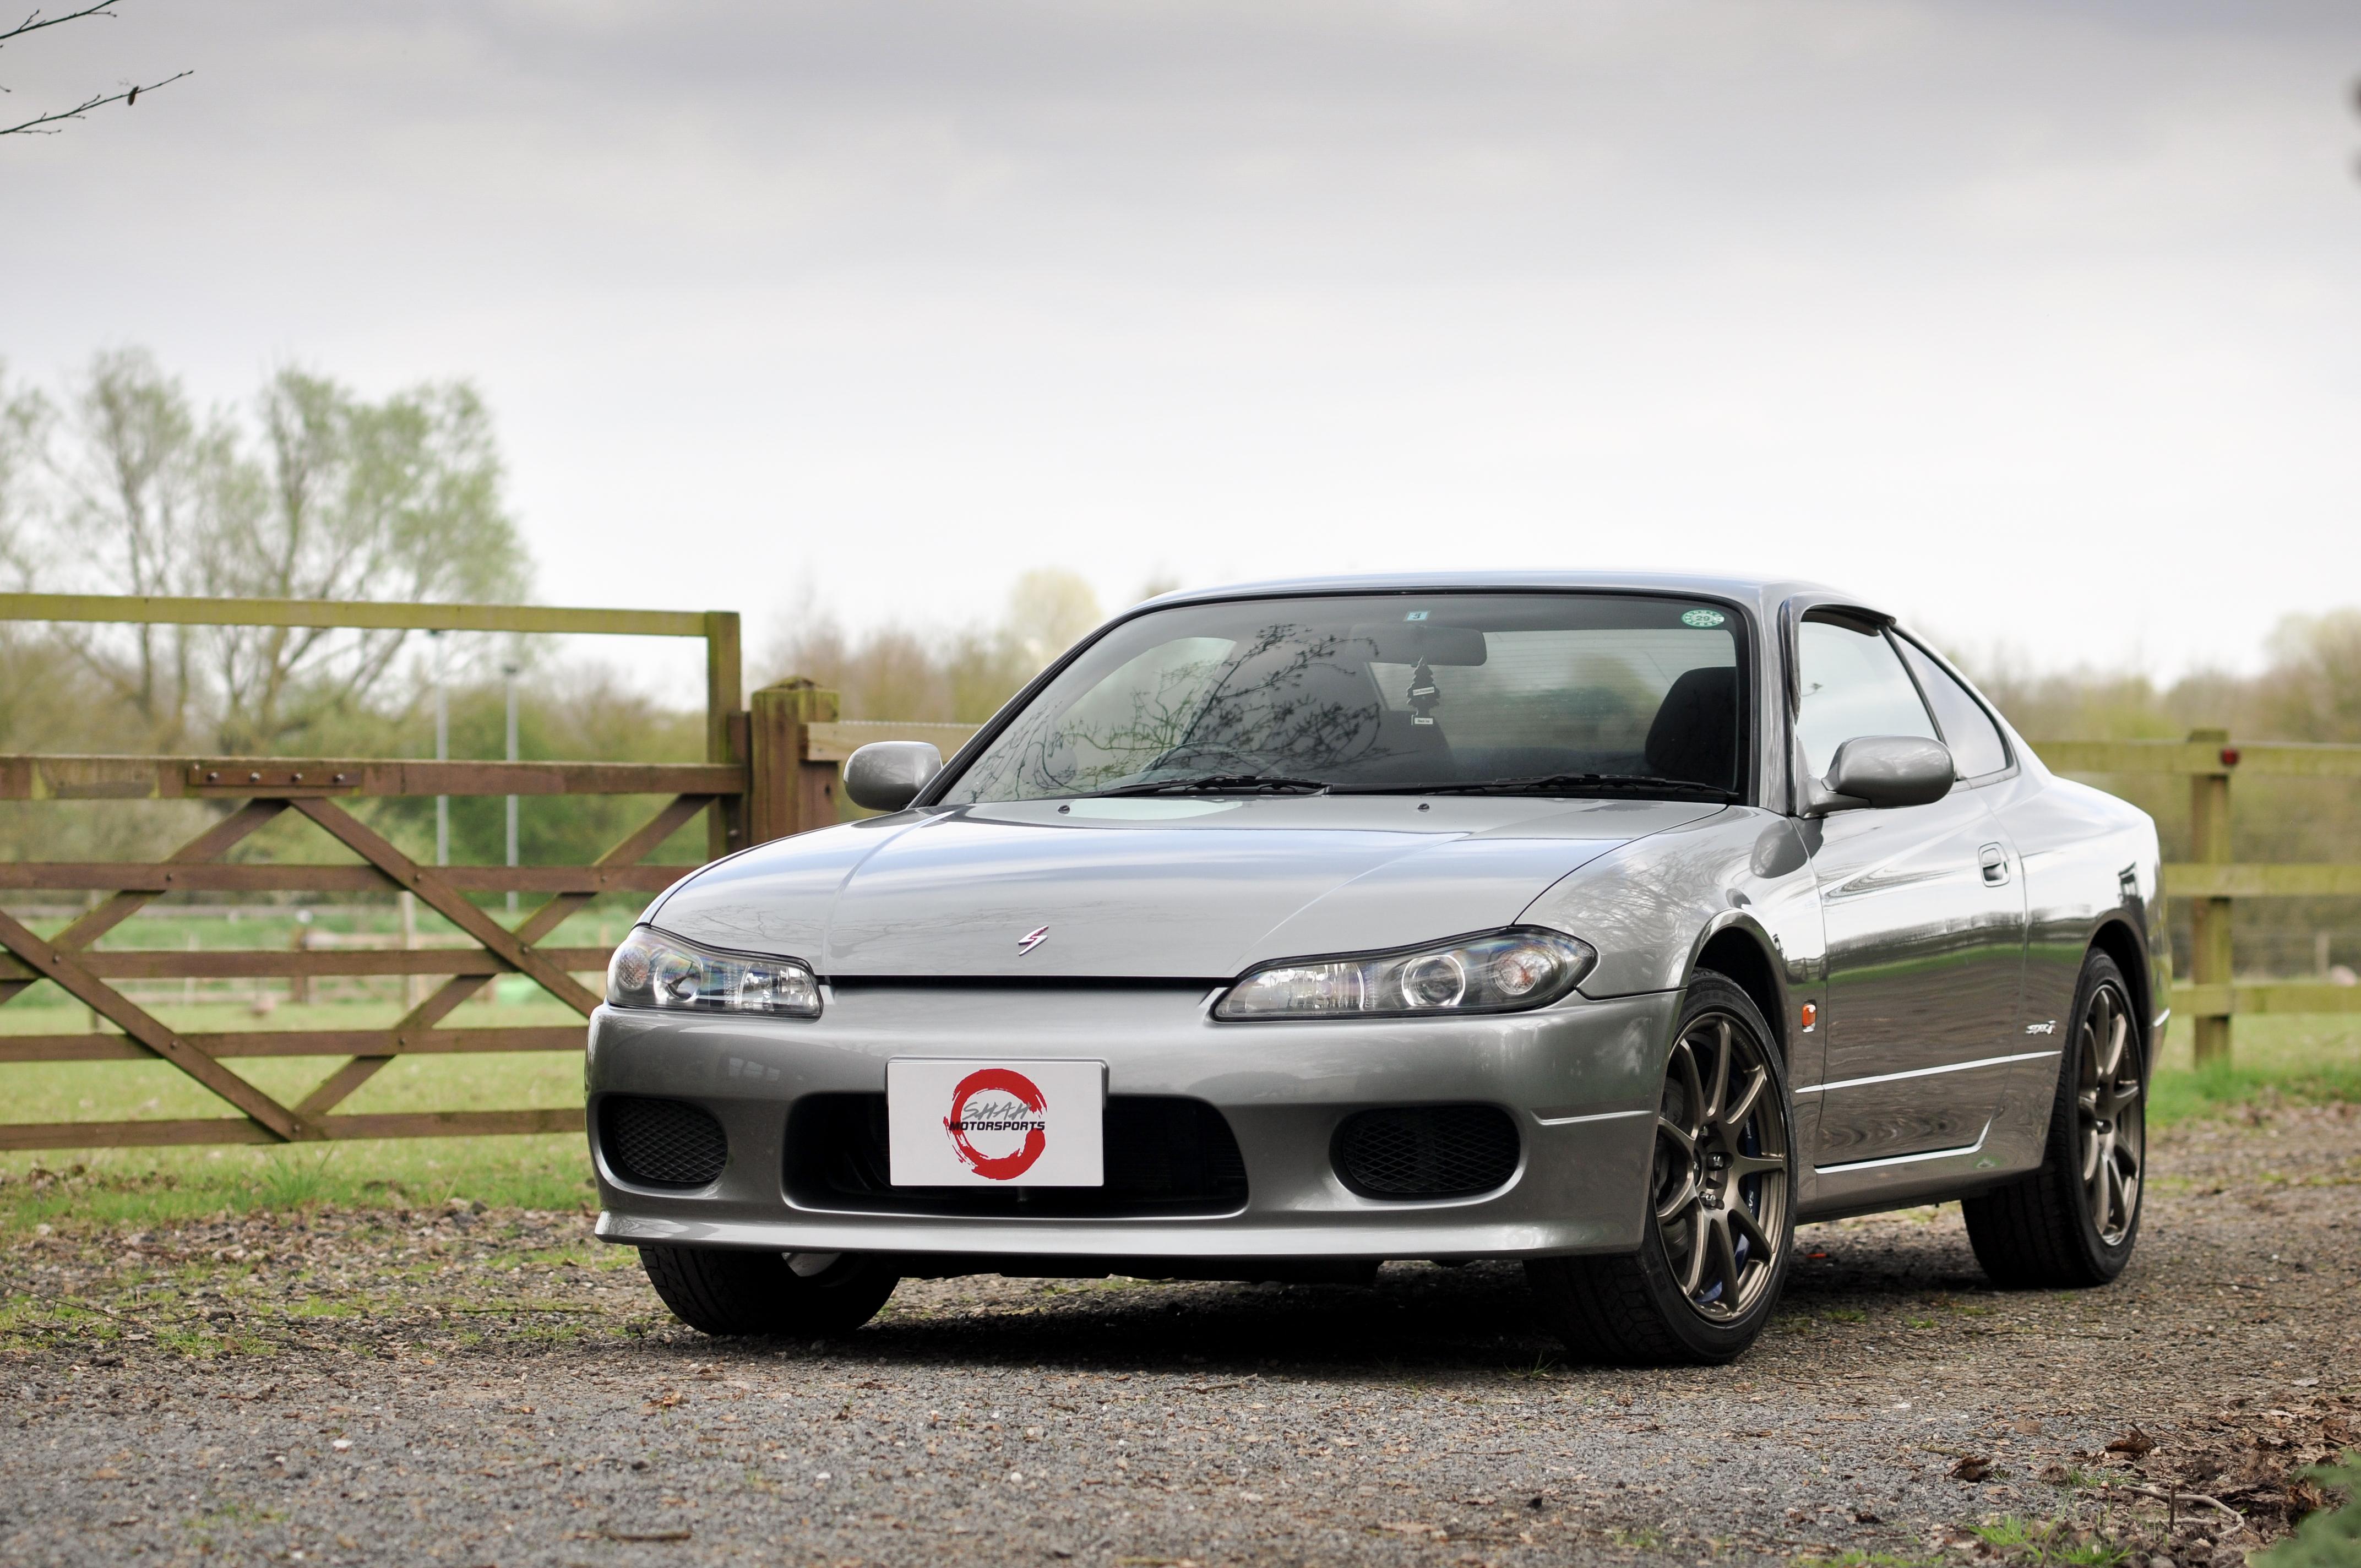 2002 Pewter Grey S15 | Shah MotorSports